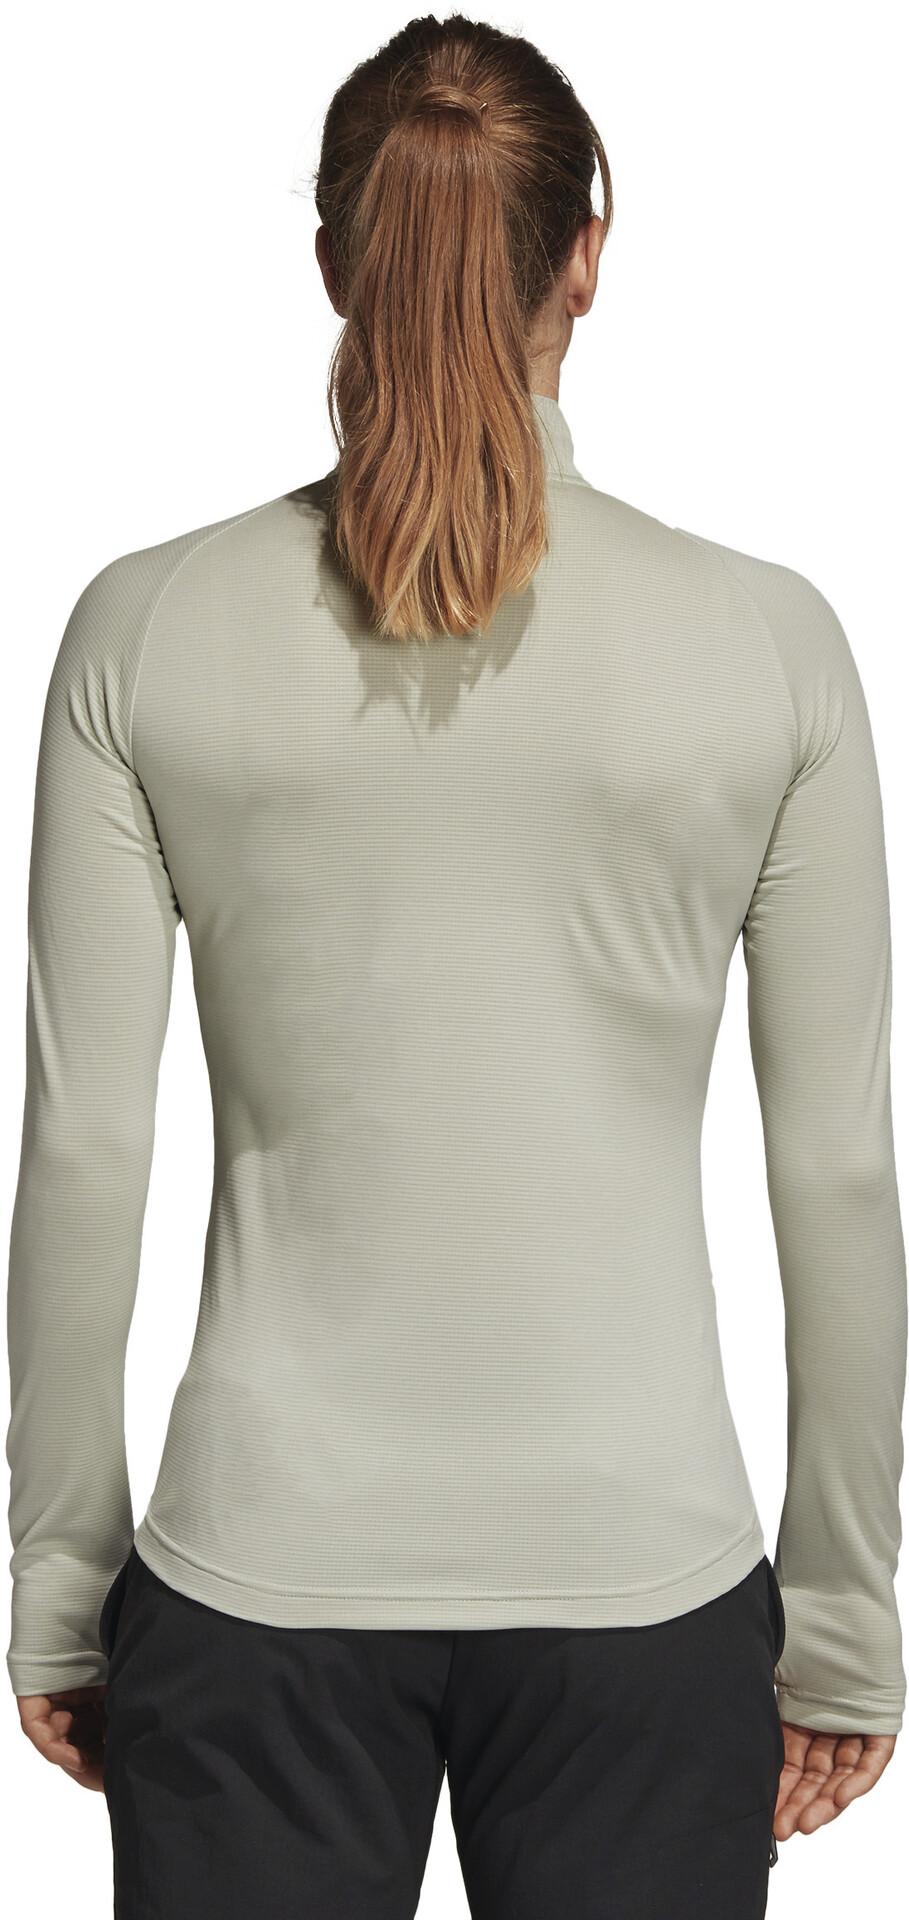 Blanco Adidas Mujer Tracerocker Running Terrex Camiseta Larga Manga v76fYybg